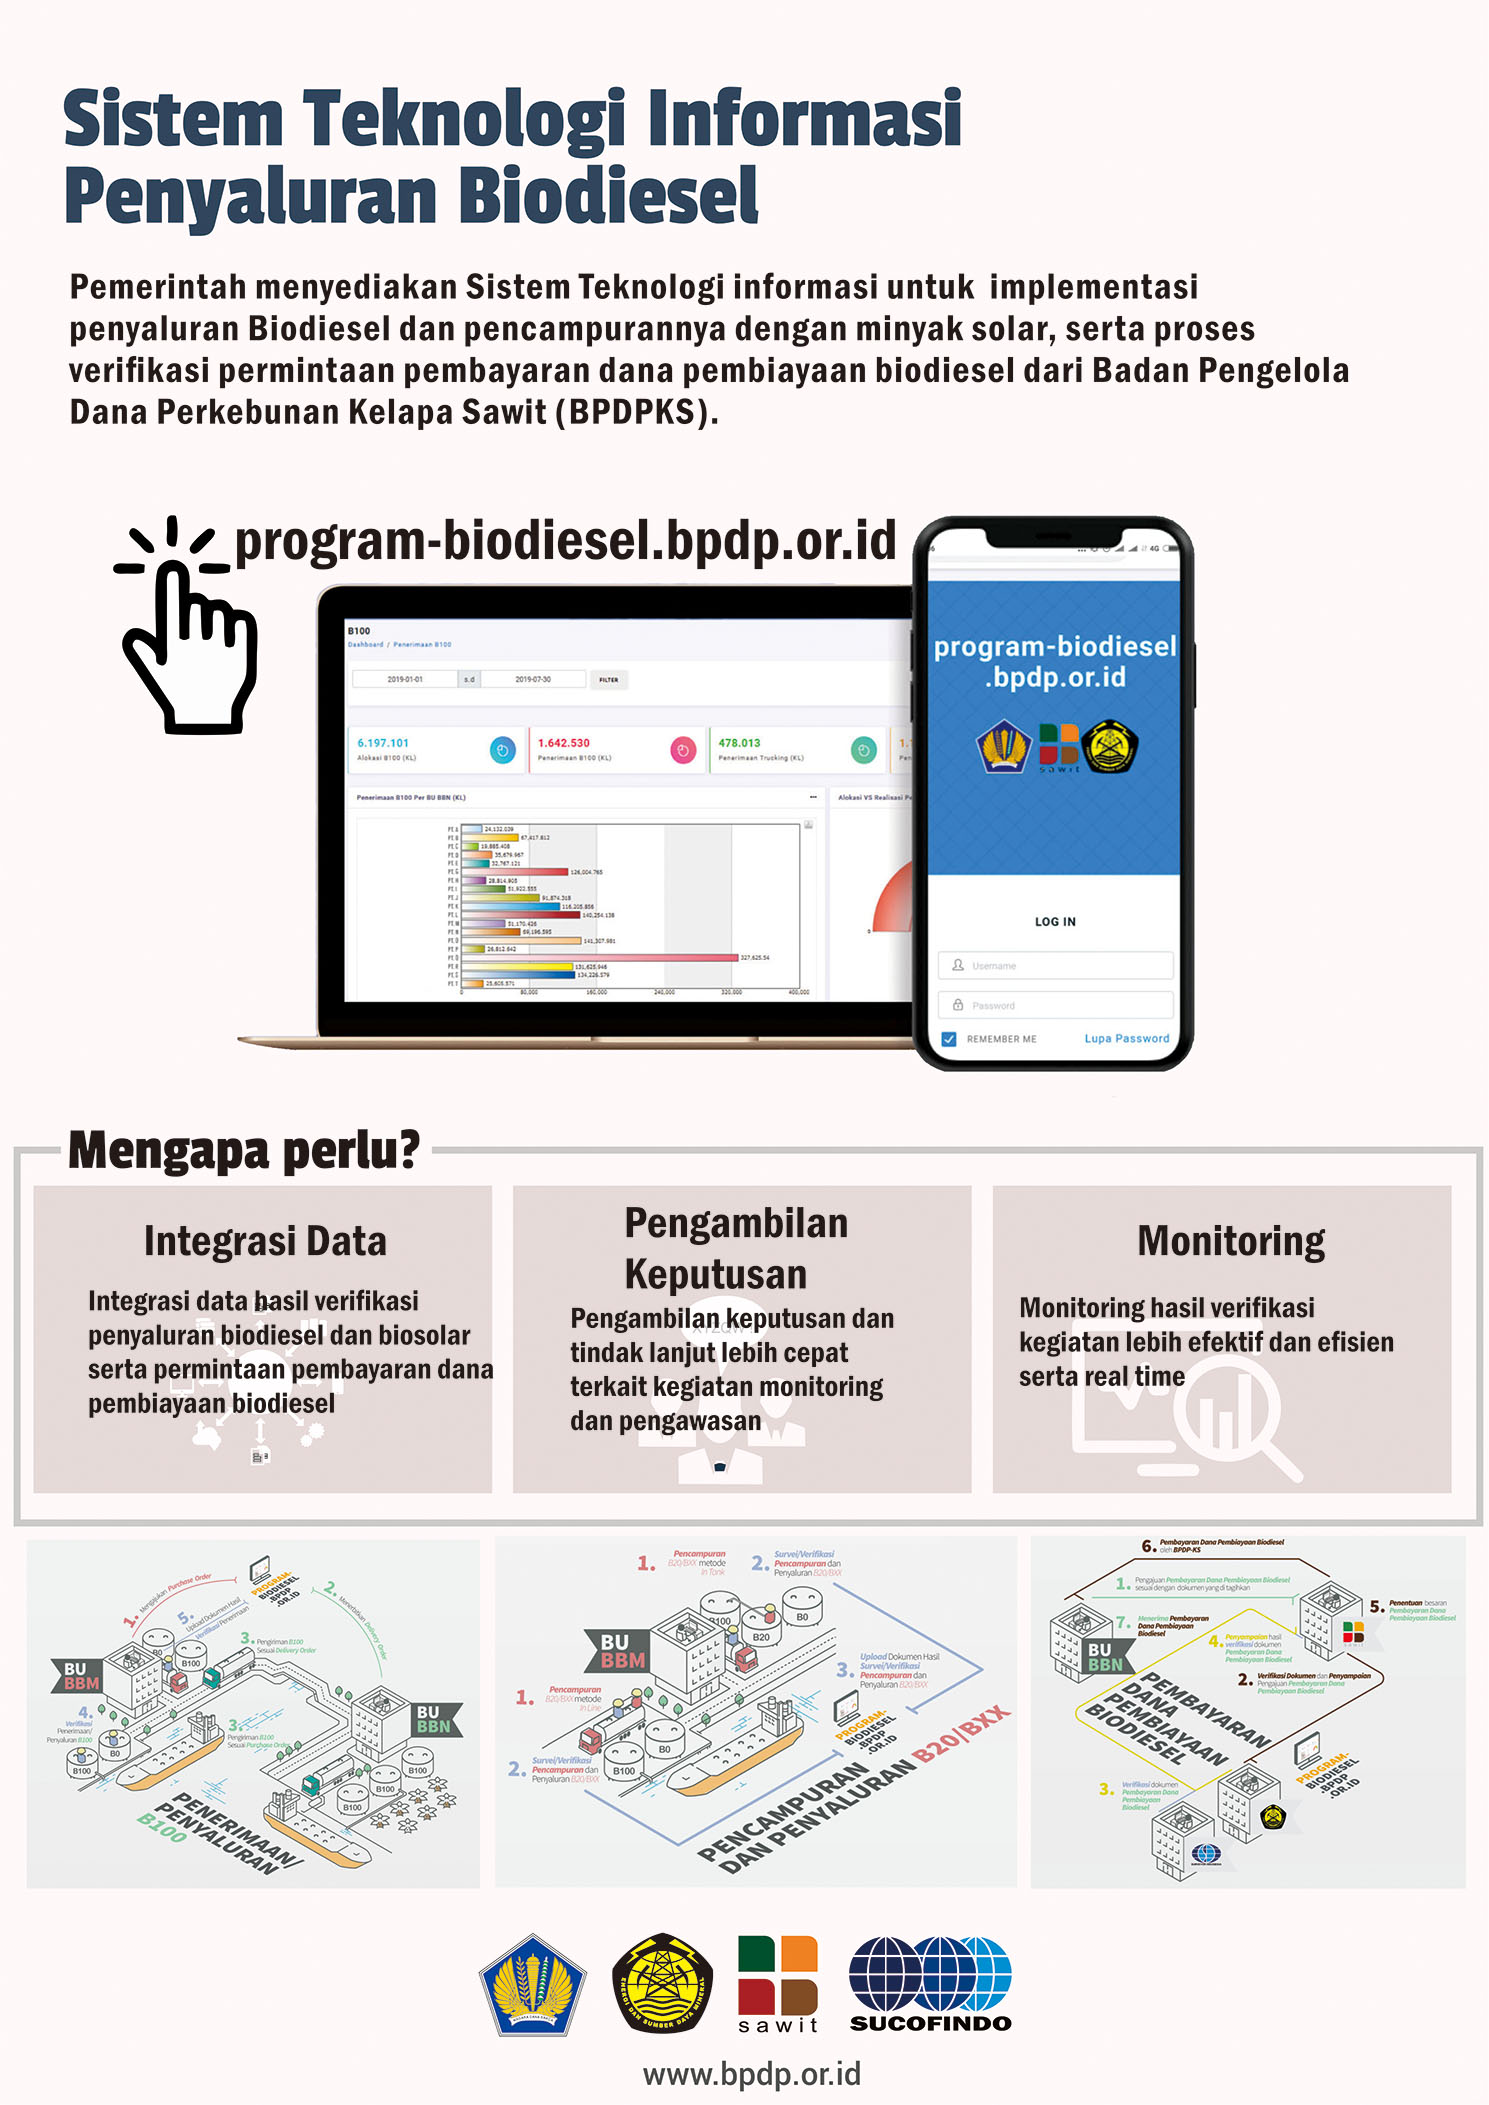 Sistem Teknologi Informasi Penyaluran Biodiesel